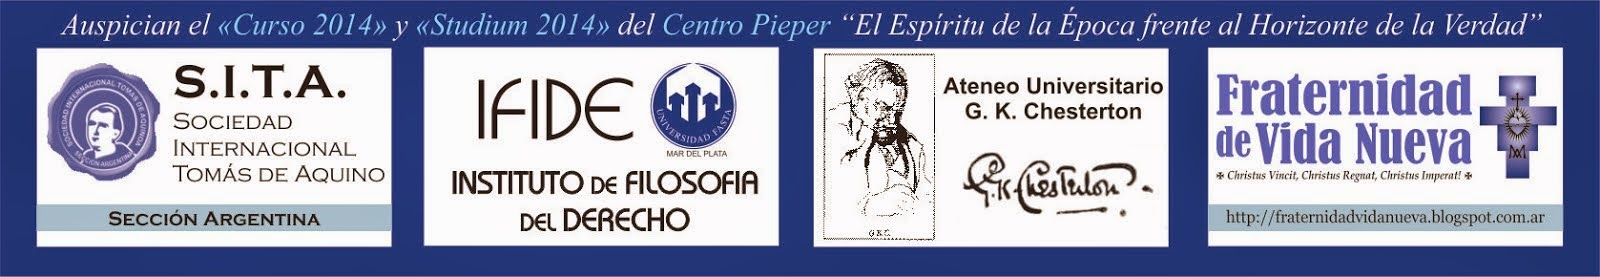 Auspician el Curso y Studium 2014 del Centro Pieper